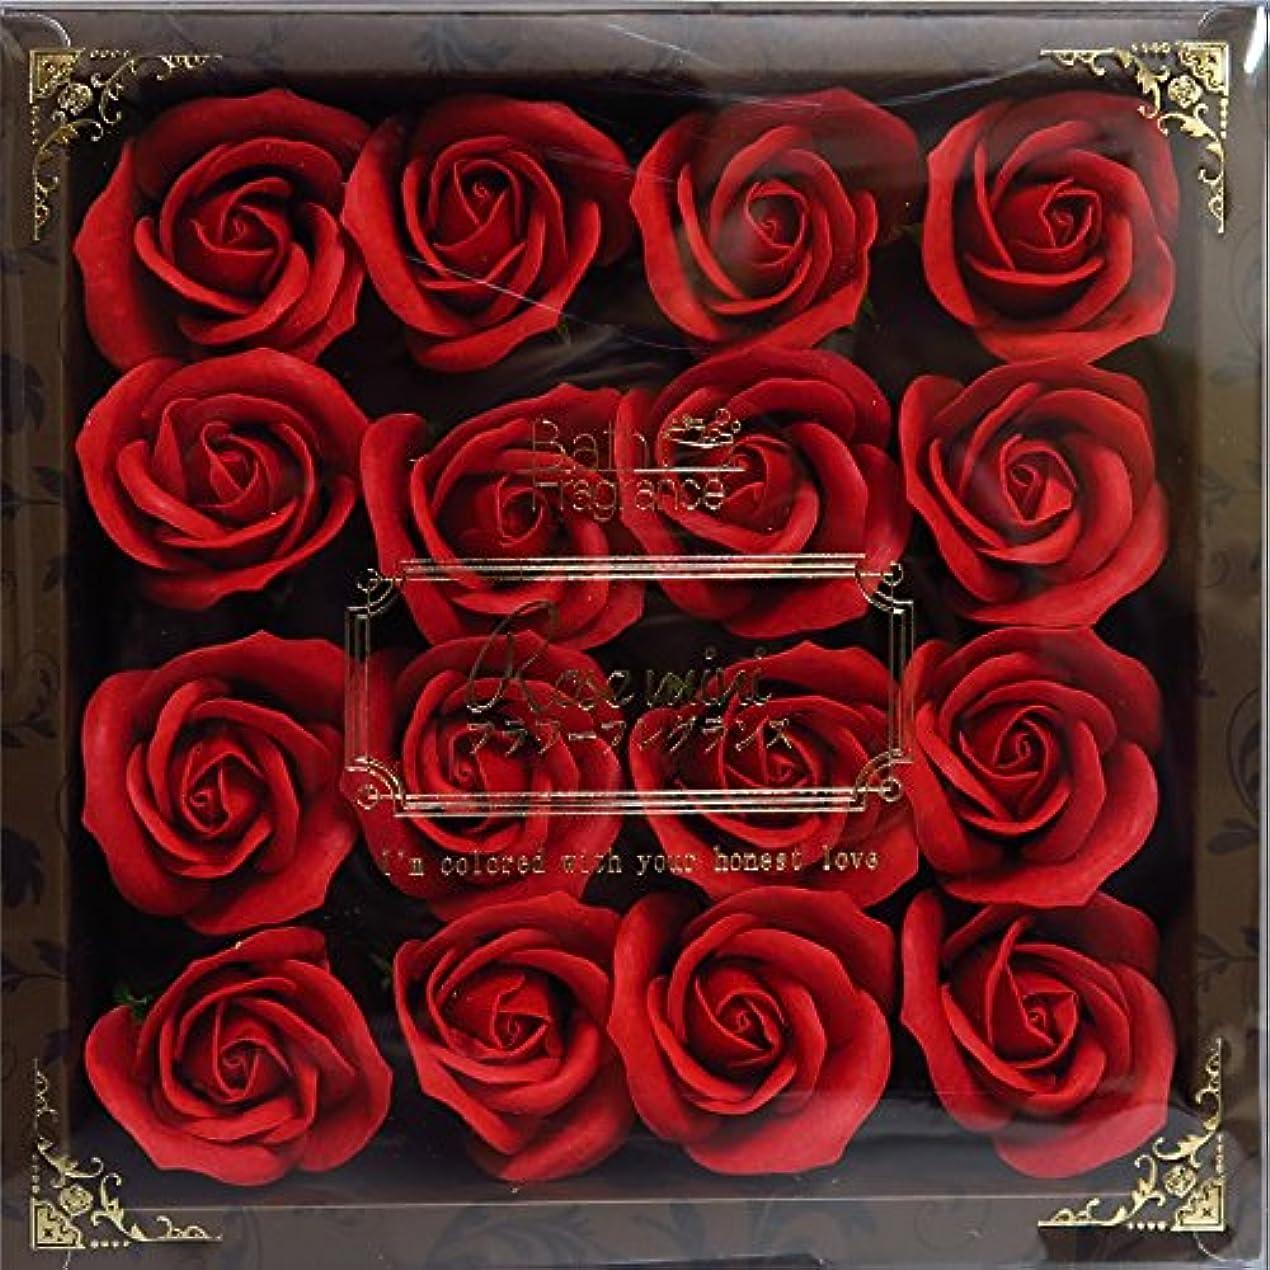 有彩色の慈悲深い記念品バスフレグランス バスフラワー ミニローズフレグランス(M)レッド ギフト お花の形の入浴剤 プレゼント ばら